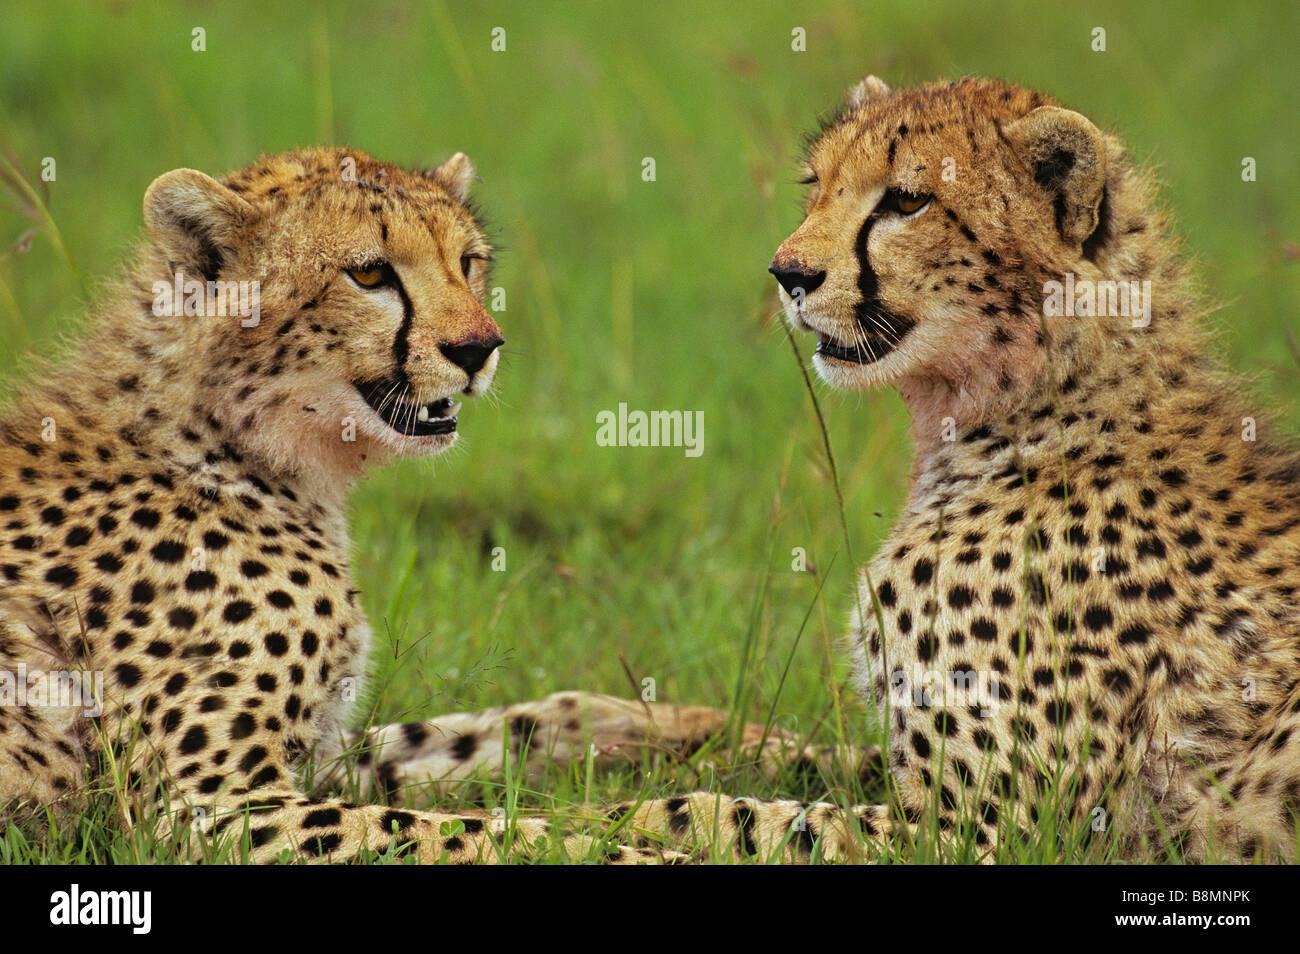 Cheetah Siblings - Stock Image